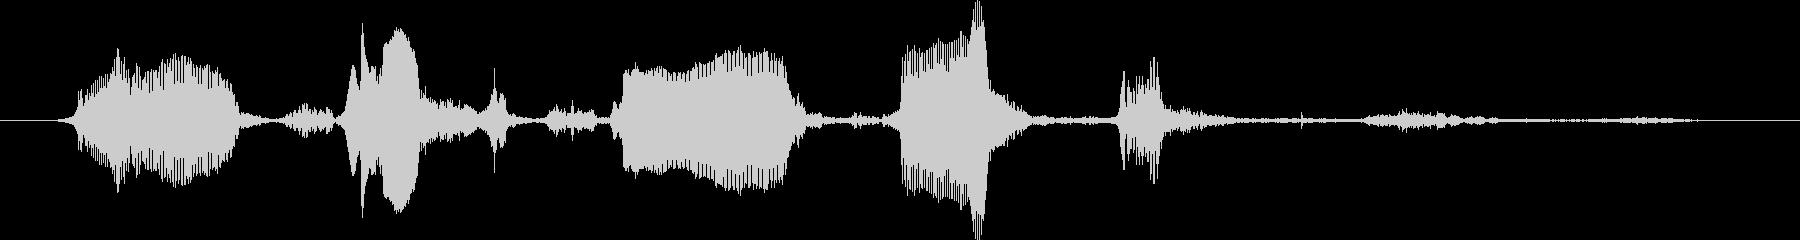 大型バーニーズマウンテンドッグ:シ...の未再生の波形